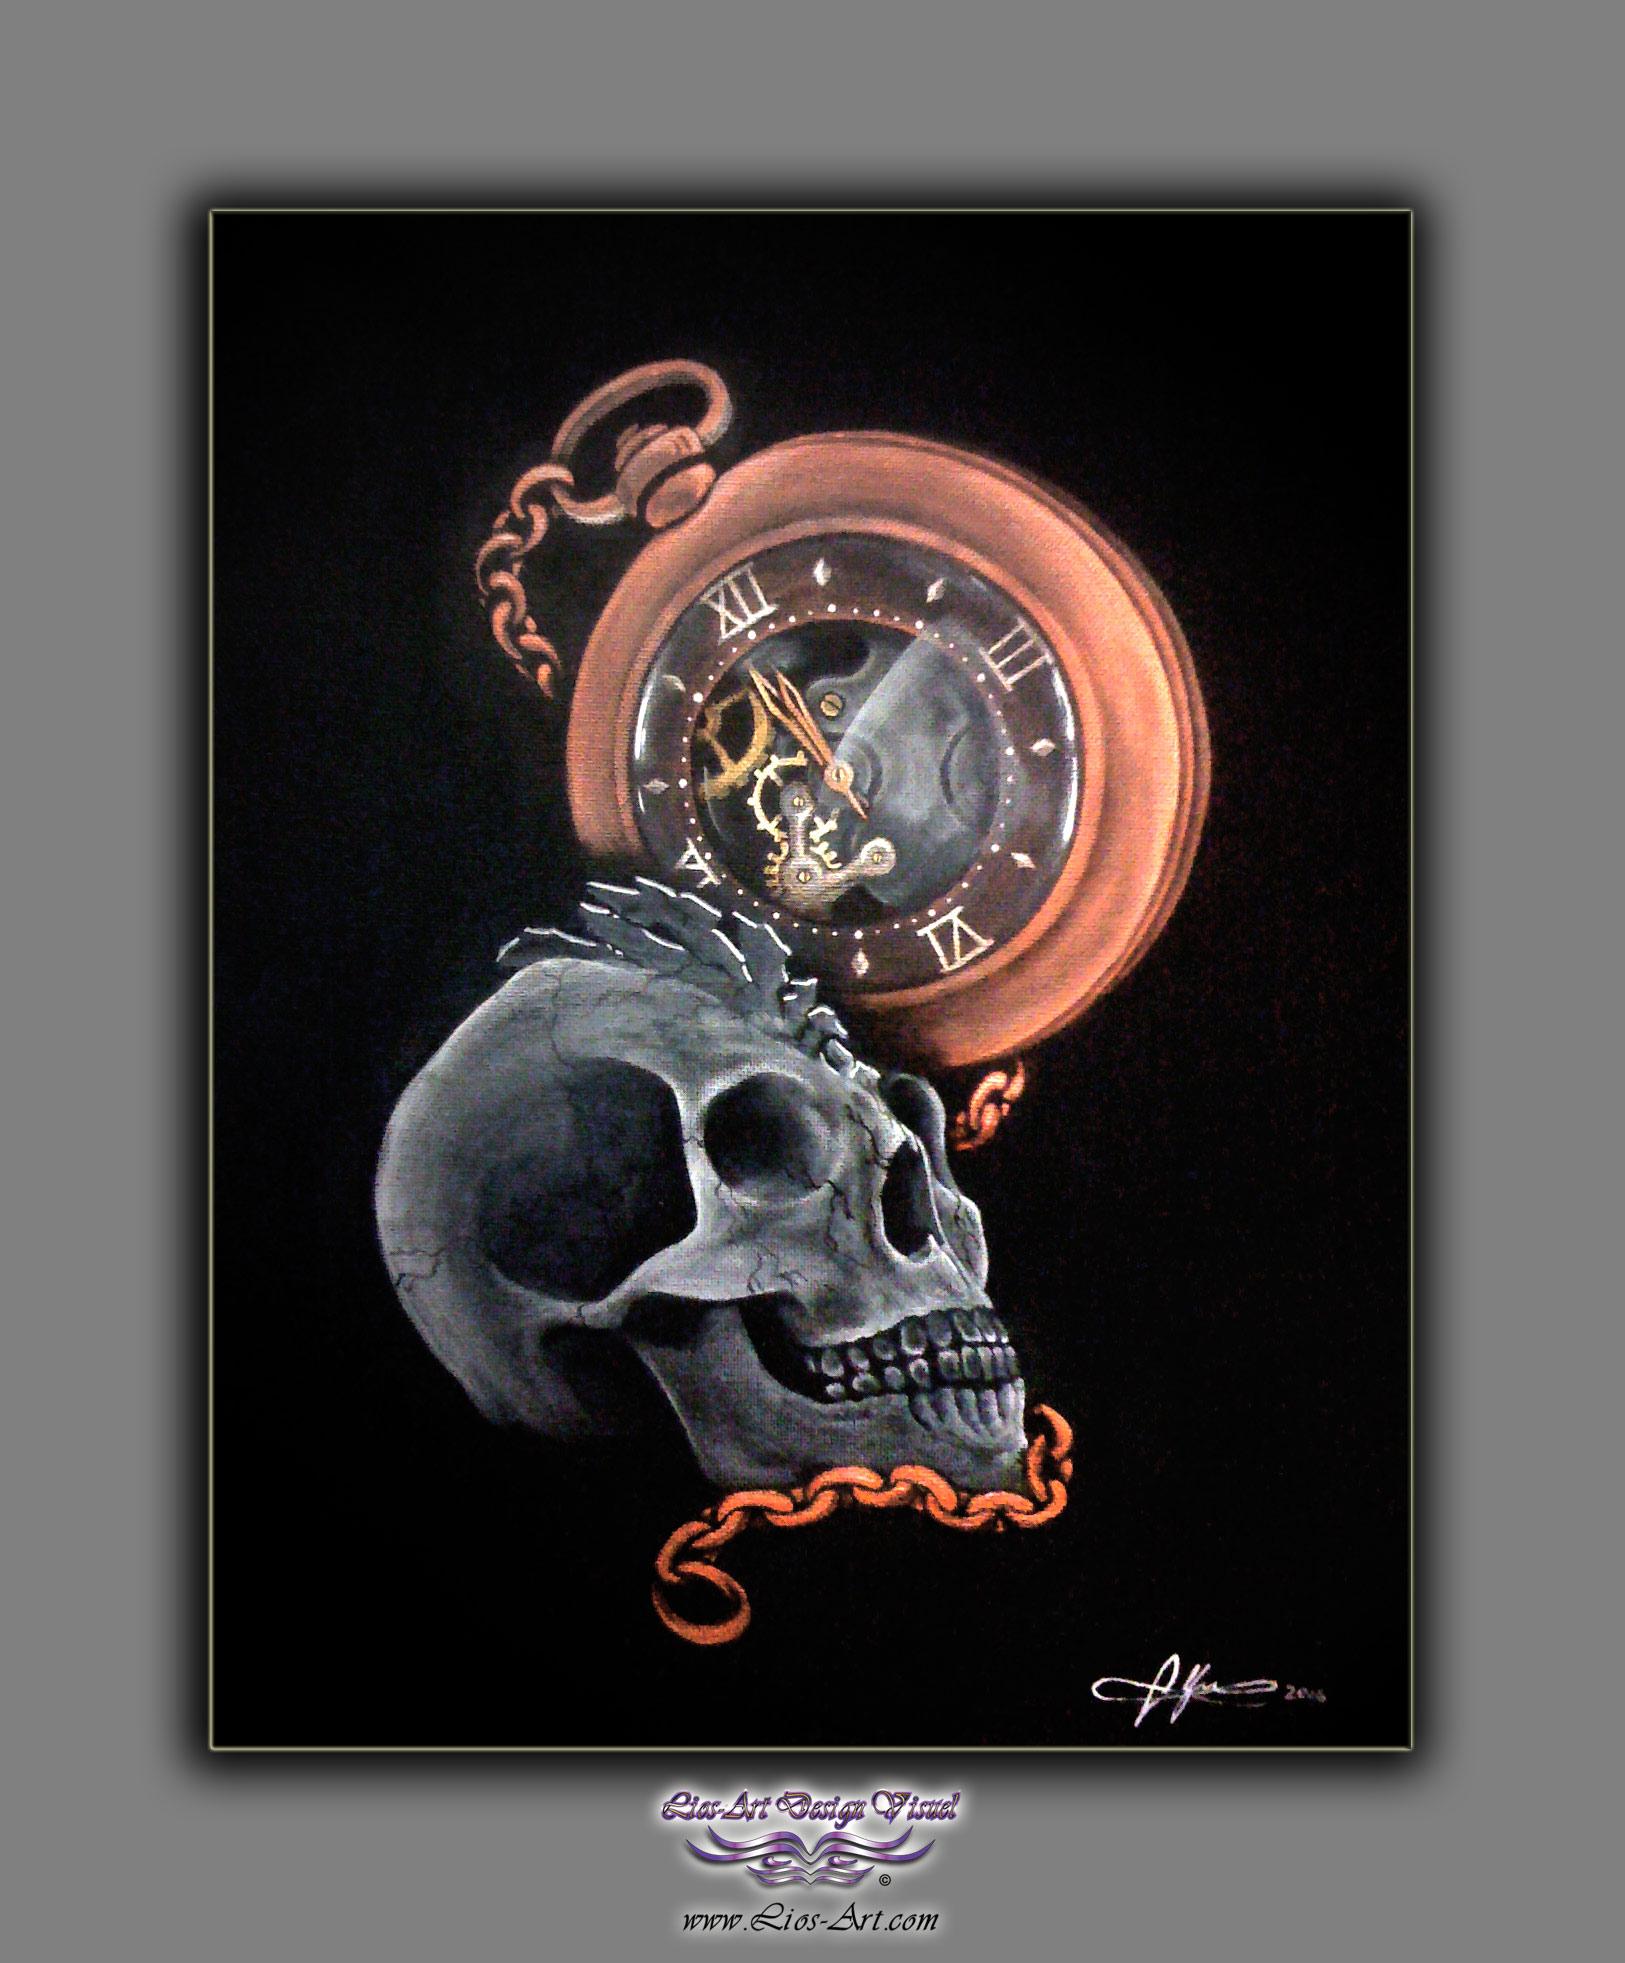 Titre : Time Kills